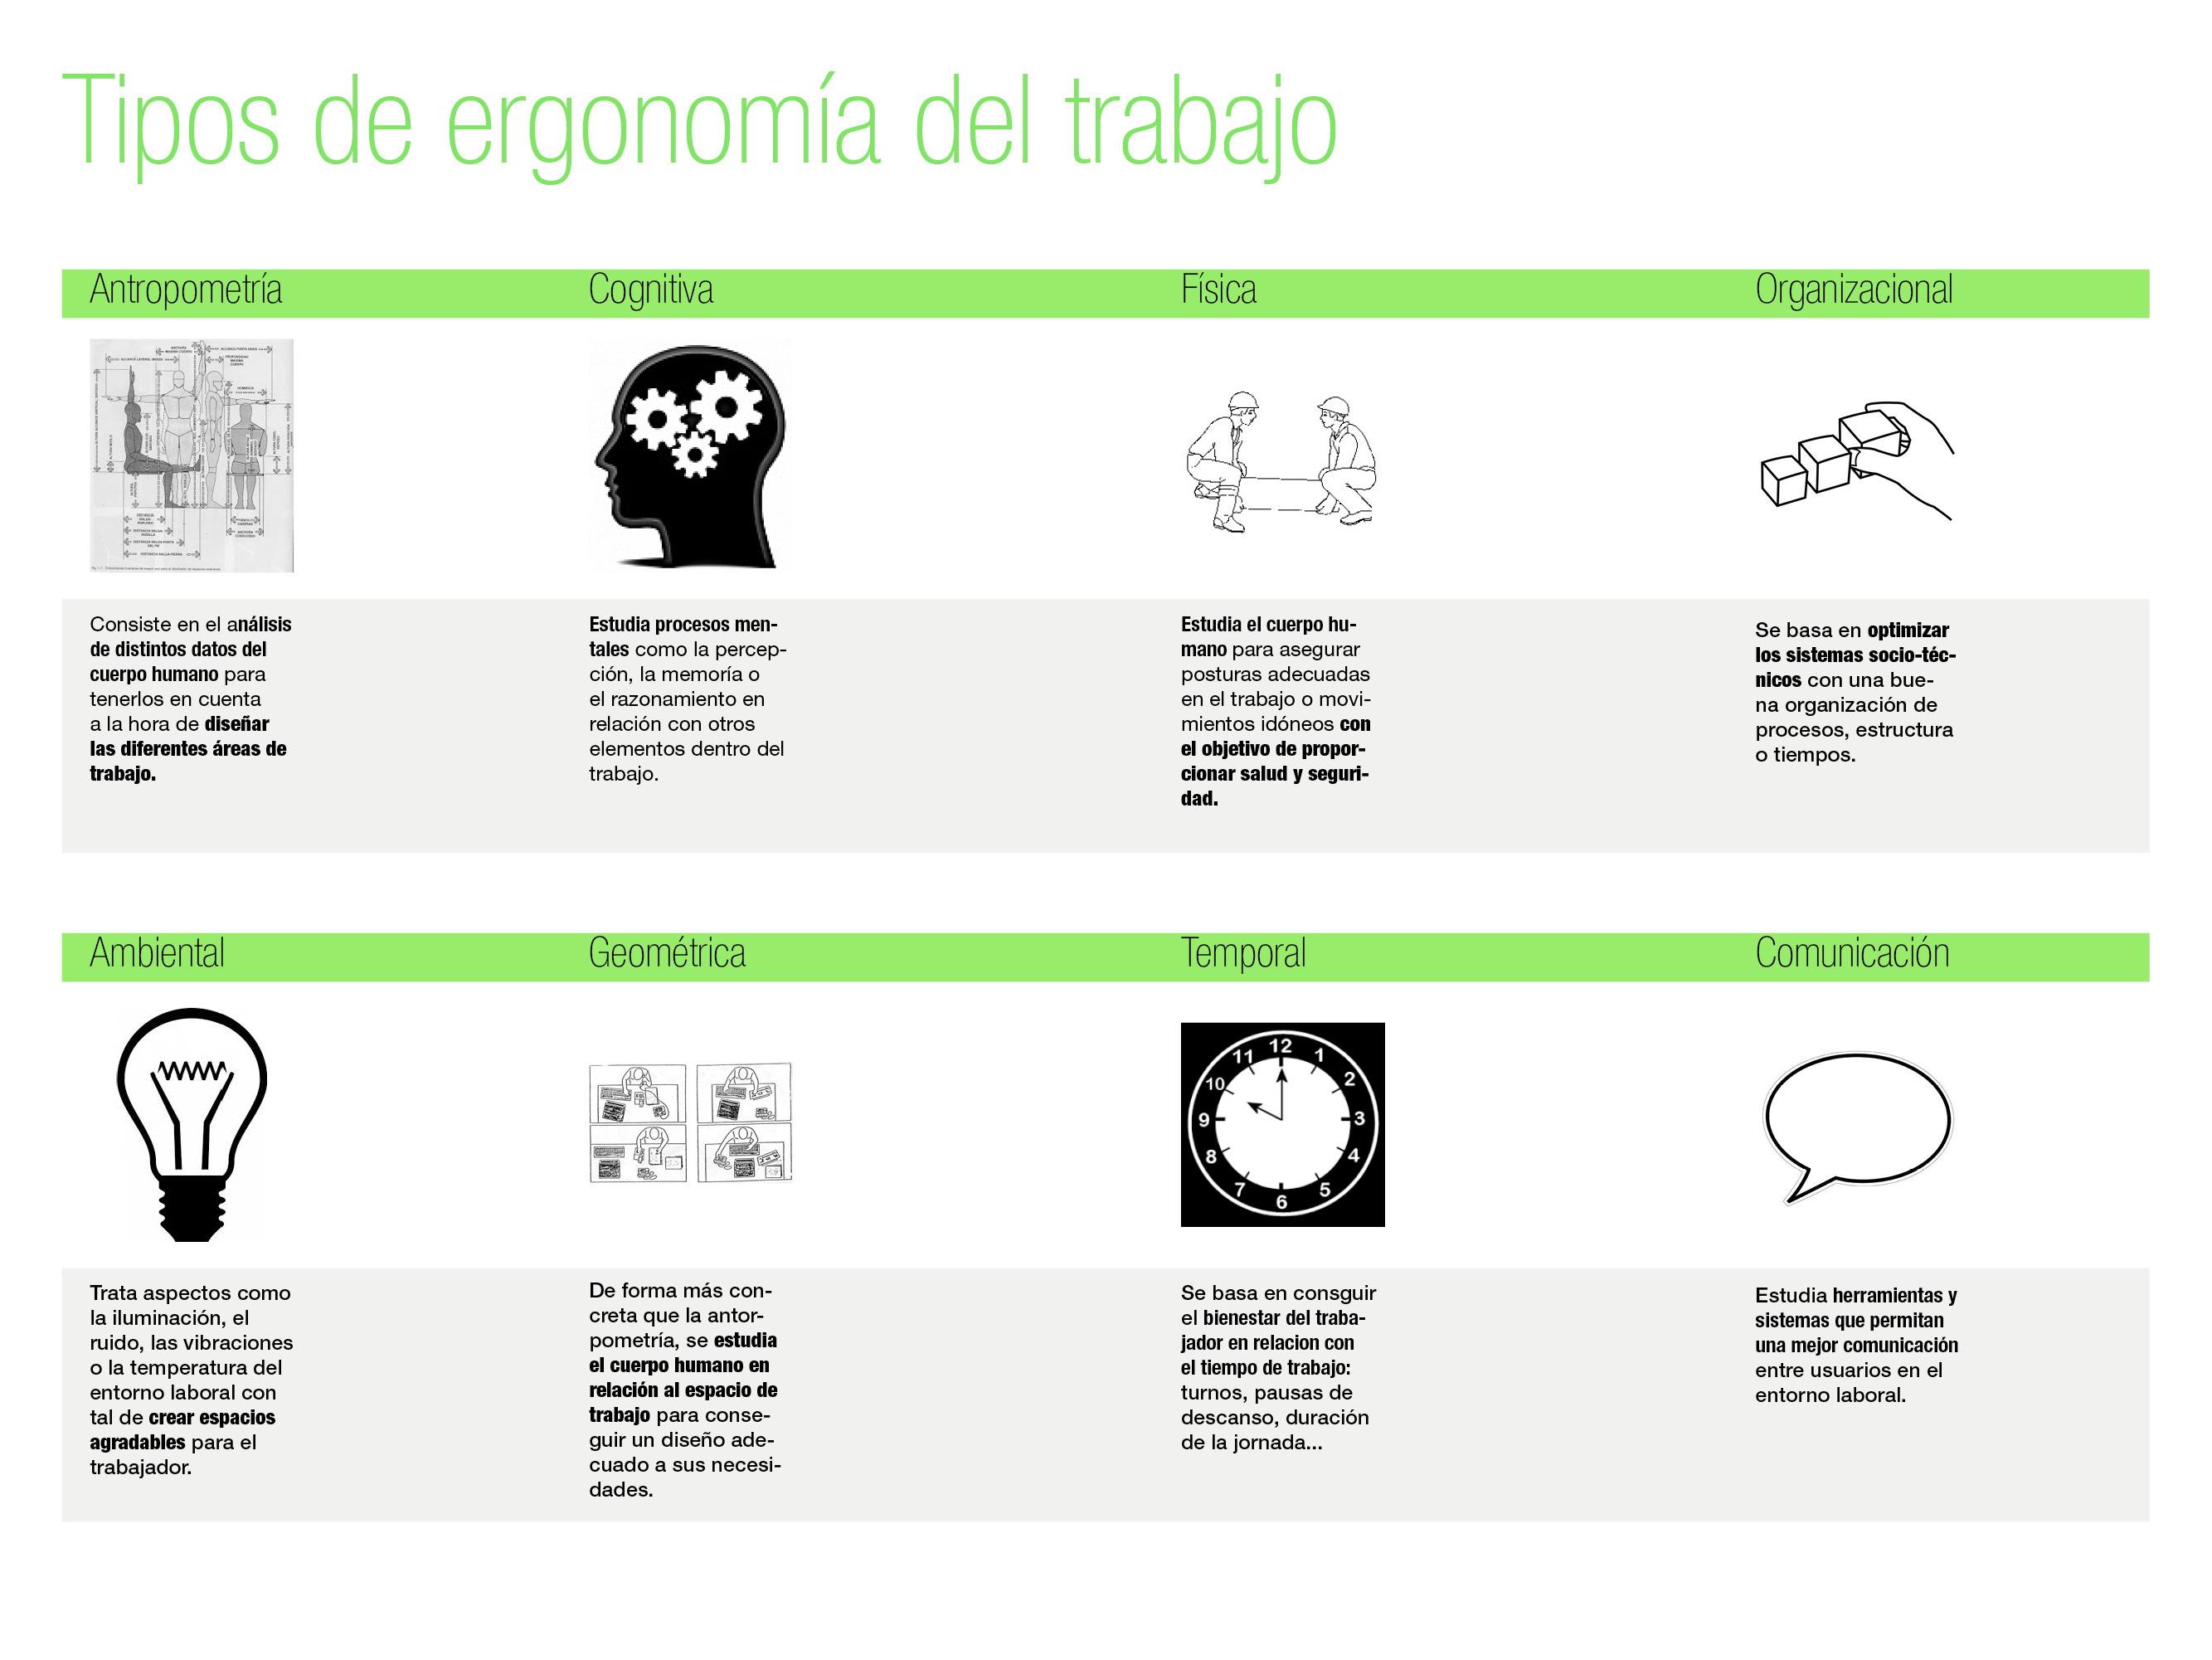 Tipos de iluminación ergonomía